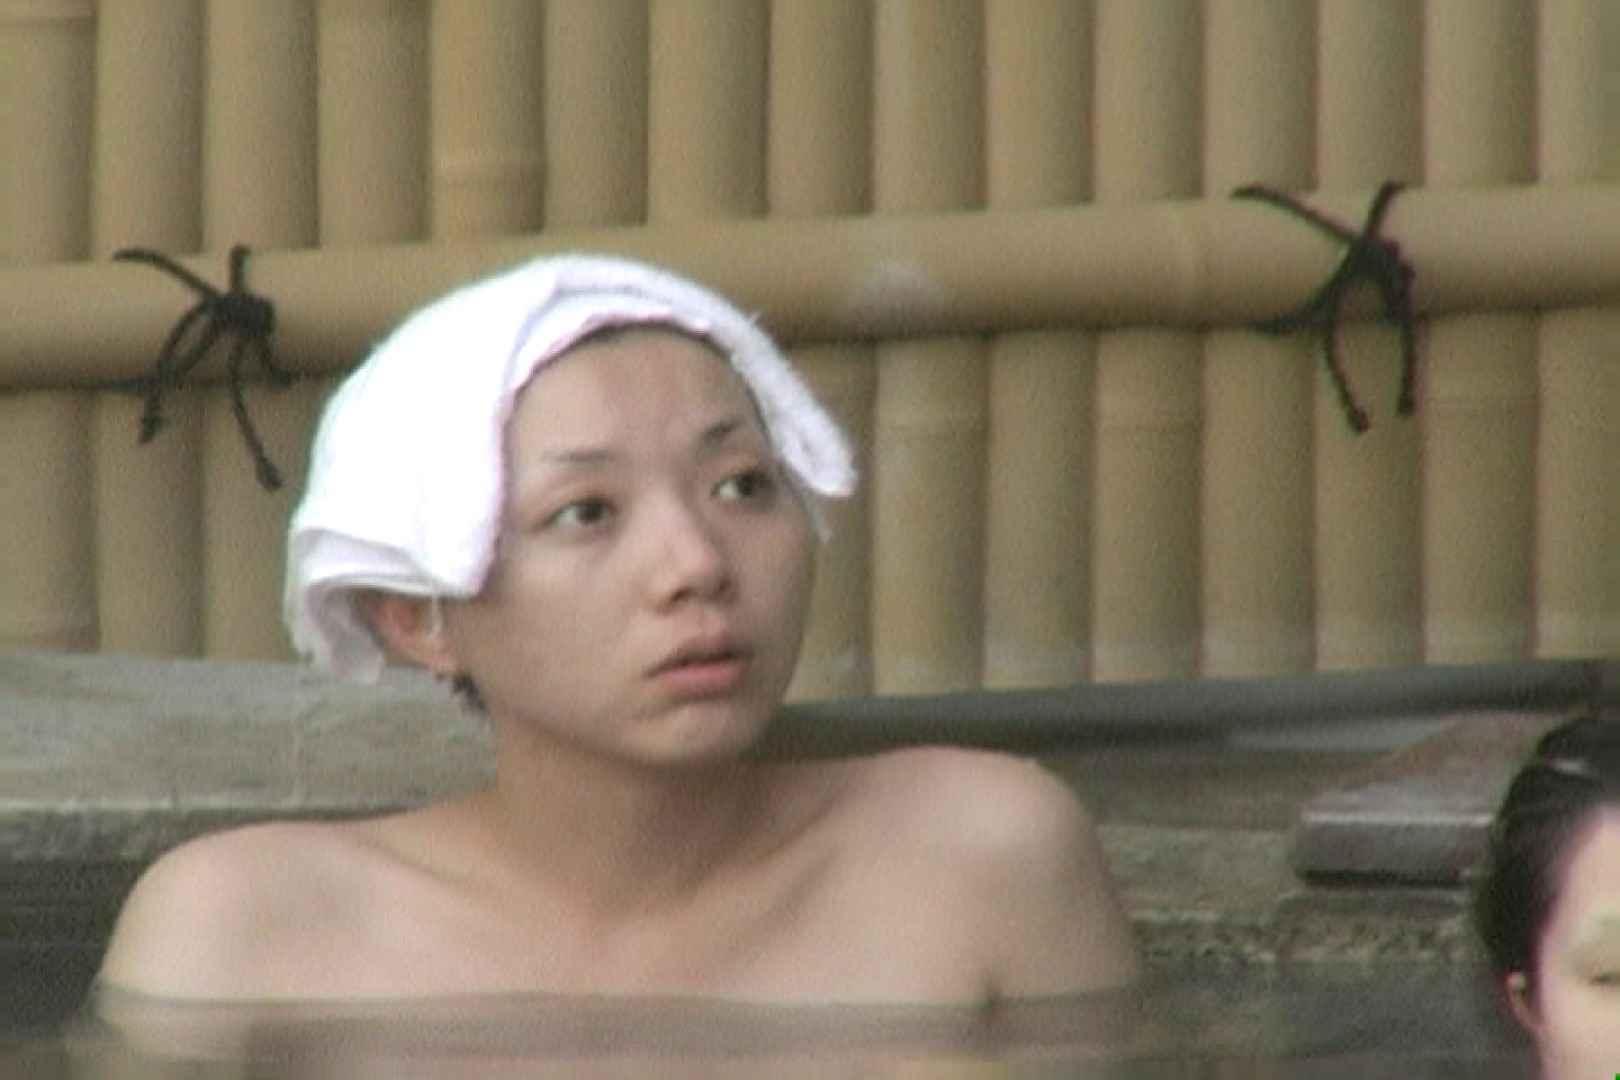 Aquaな露天風呂Vol.630 OLエロ画像 | 盗撮  110PICs 10